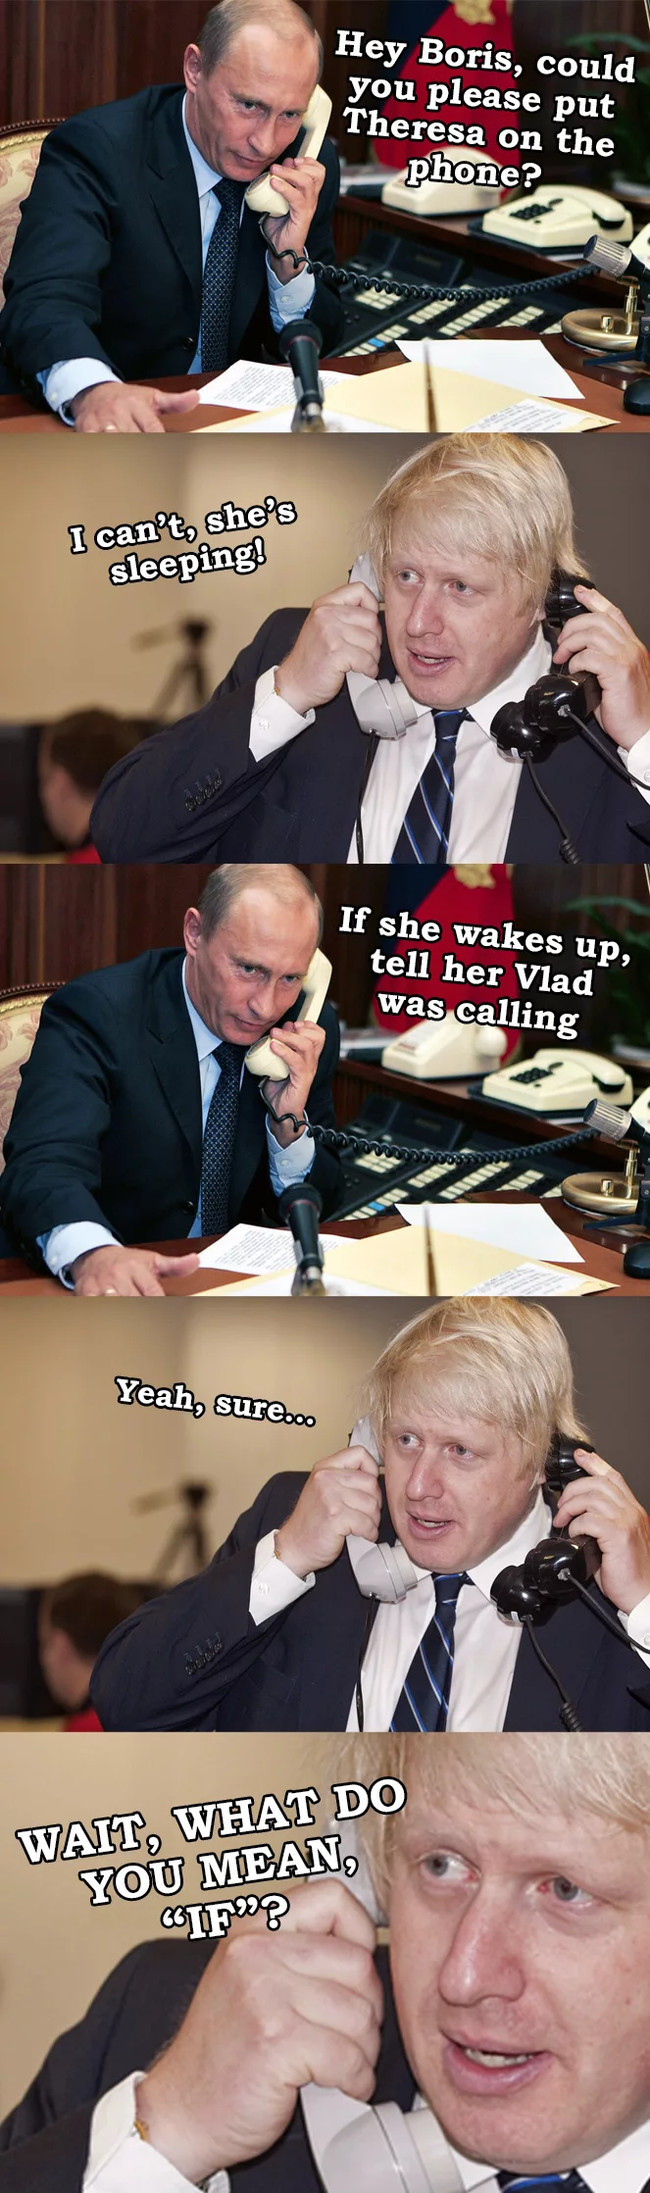 """Что значит """"Если проснется""""? Политика, Юмор, Путин, Борис джонсон, Тереза Мэй, Британцы, 9gag, Длиннопост"""